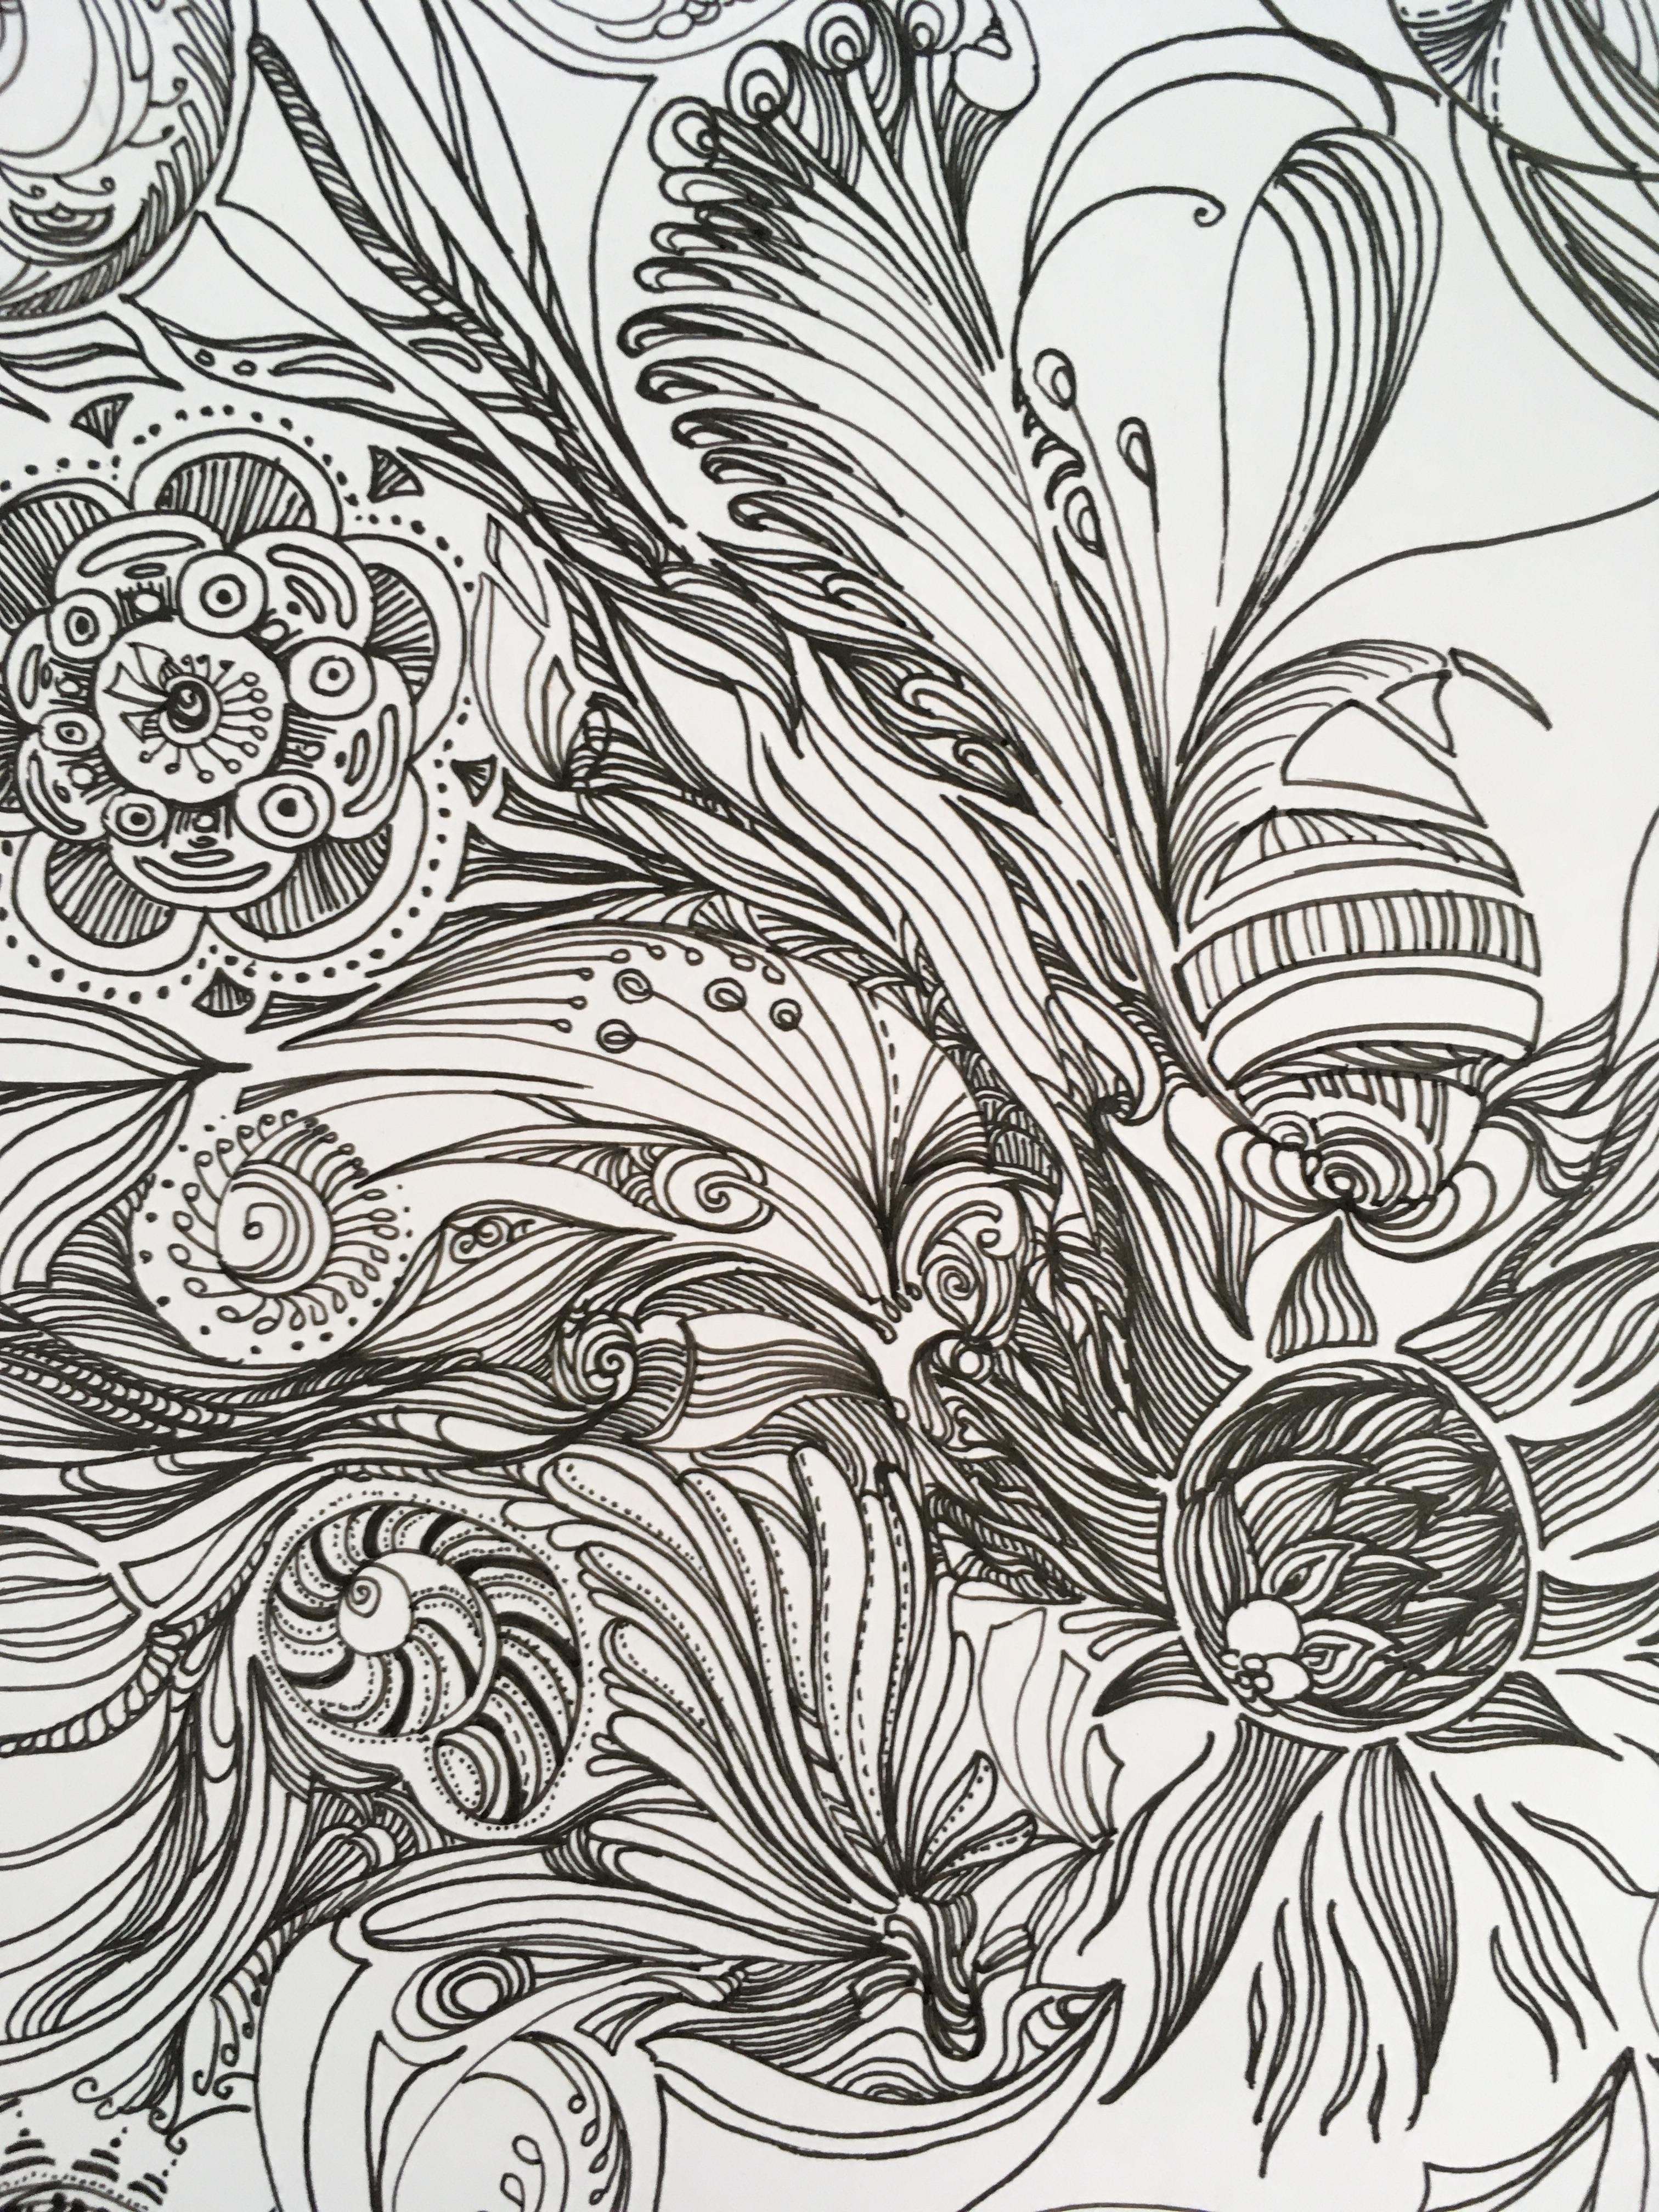 原创 手绘 黑白插画 植物 动物 水草